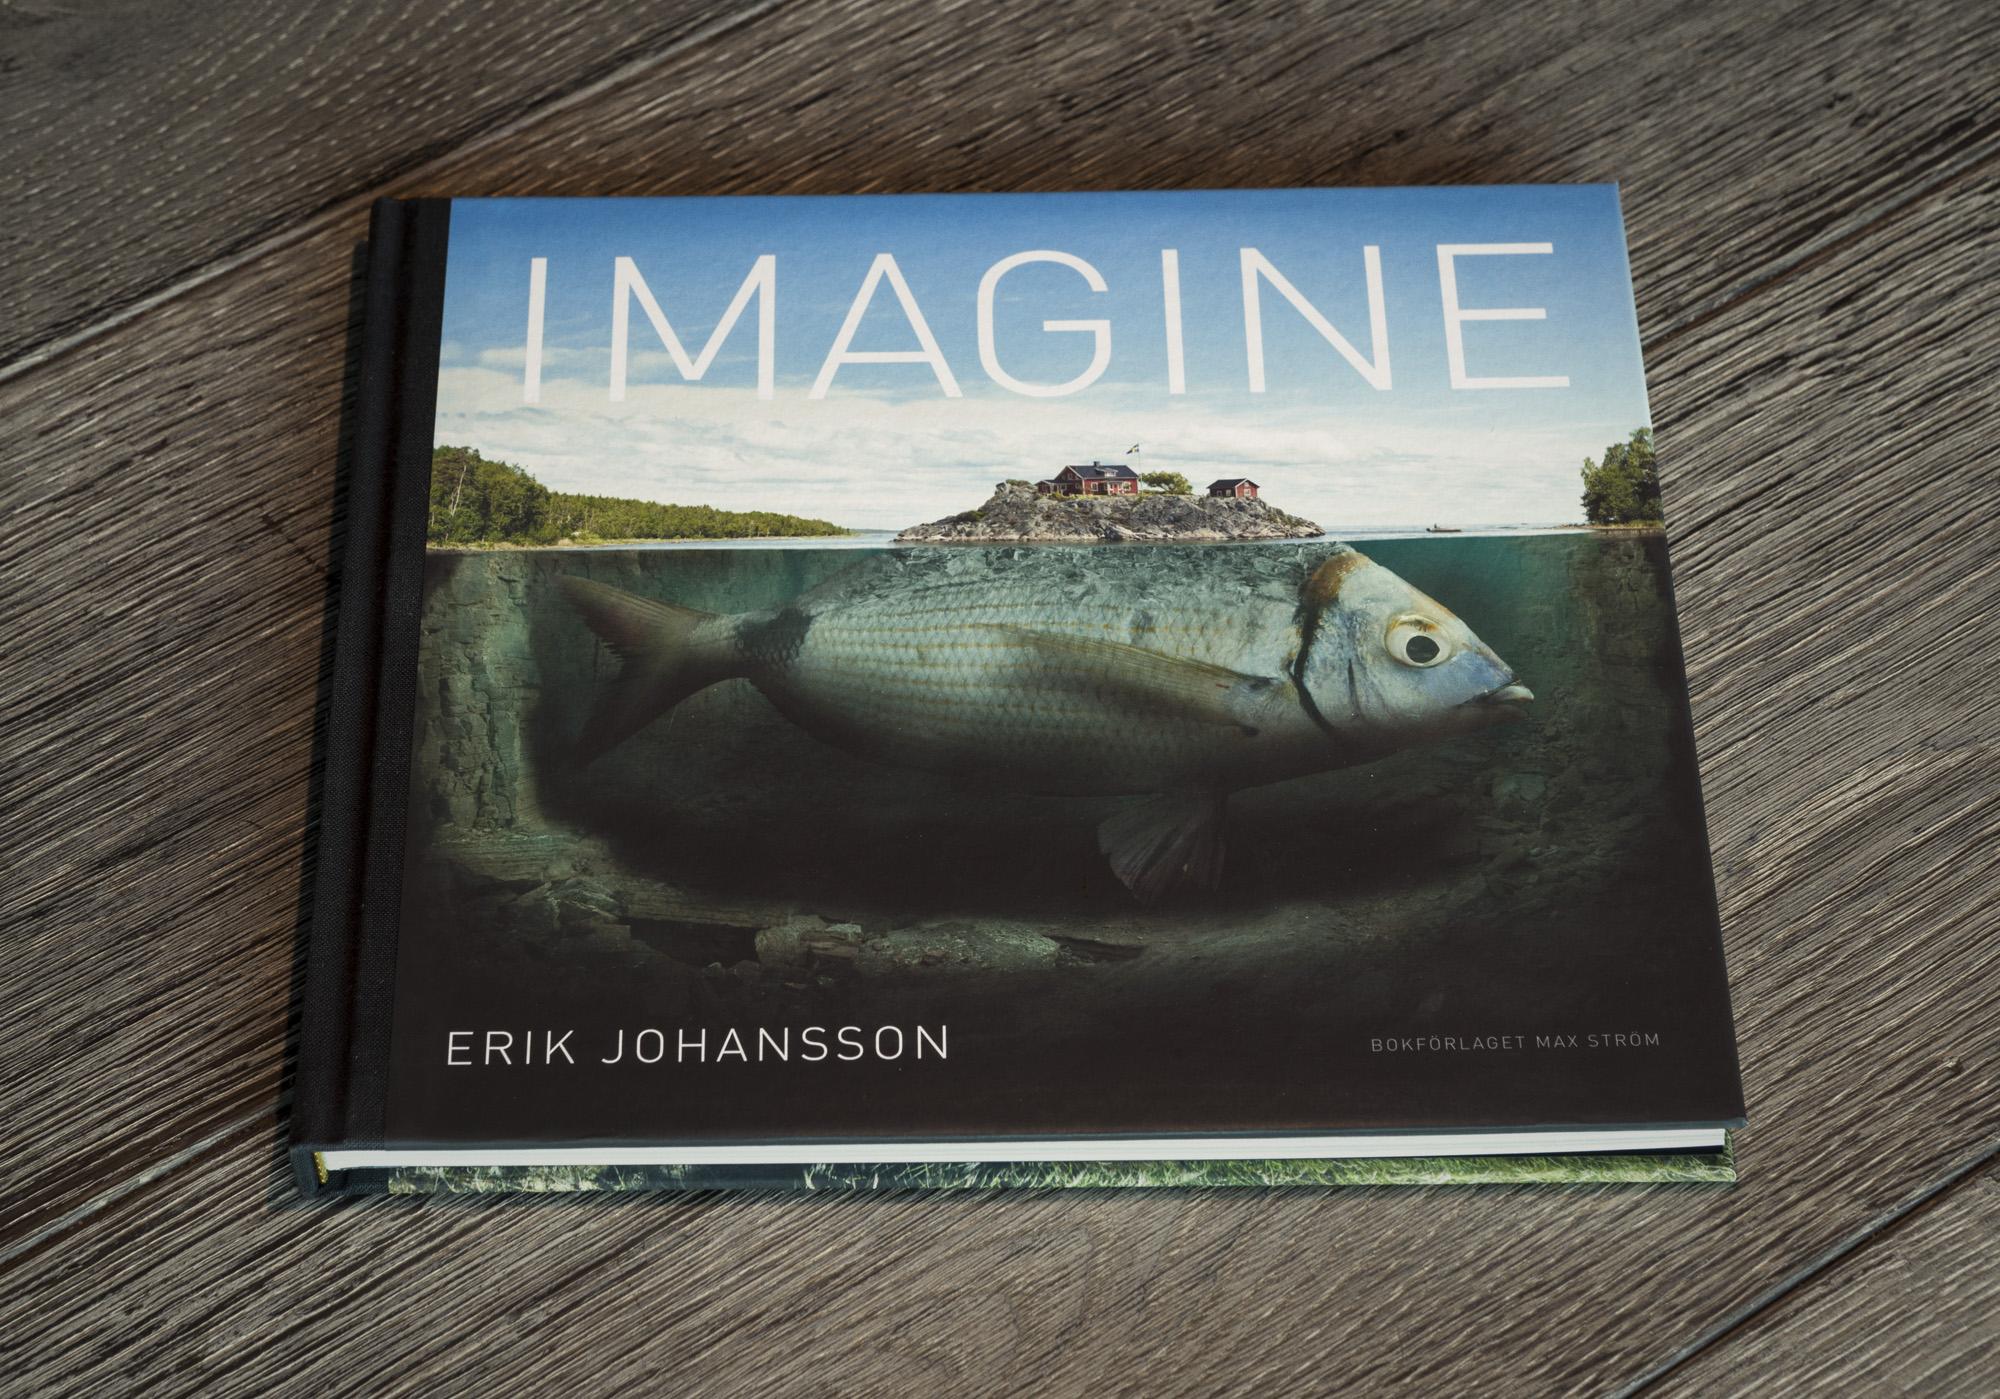 IMAGINE, 2016